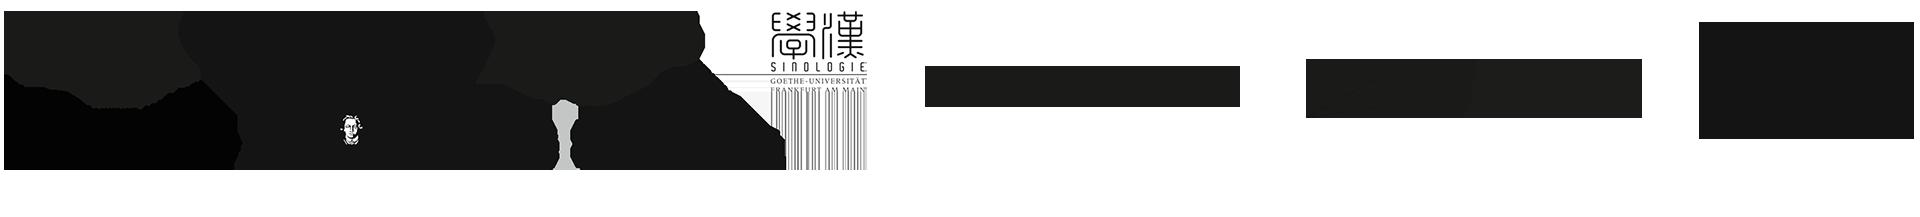 Jia Zhangke LOGOS